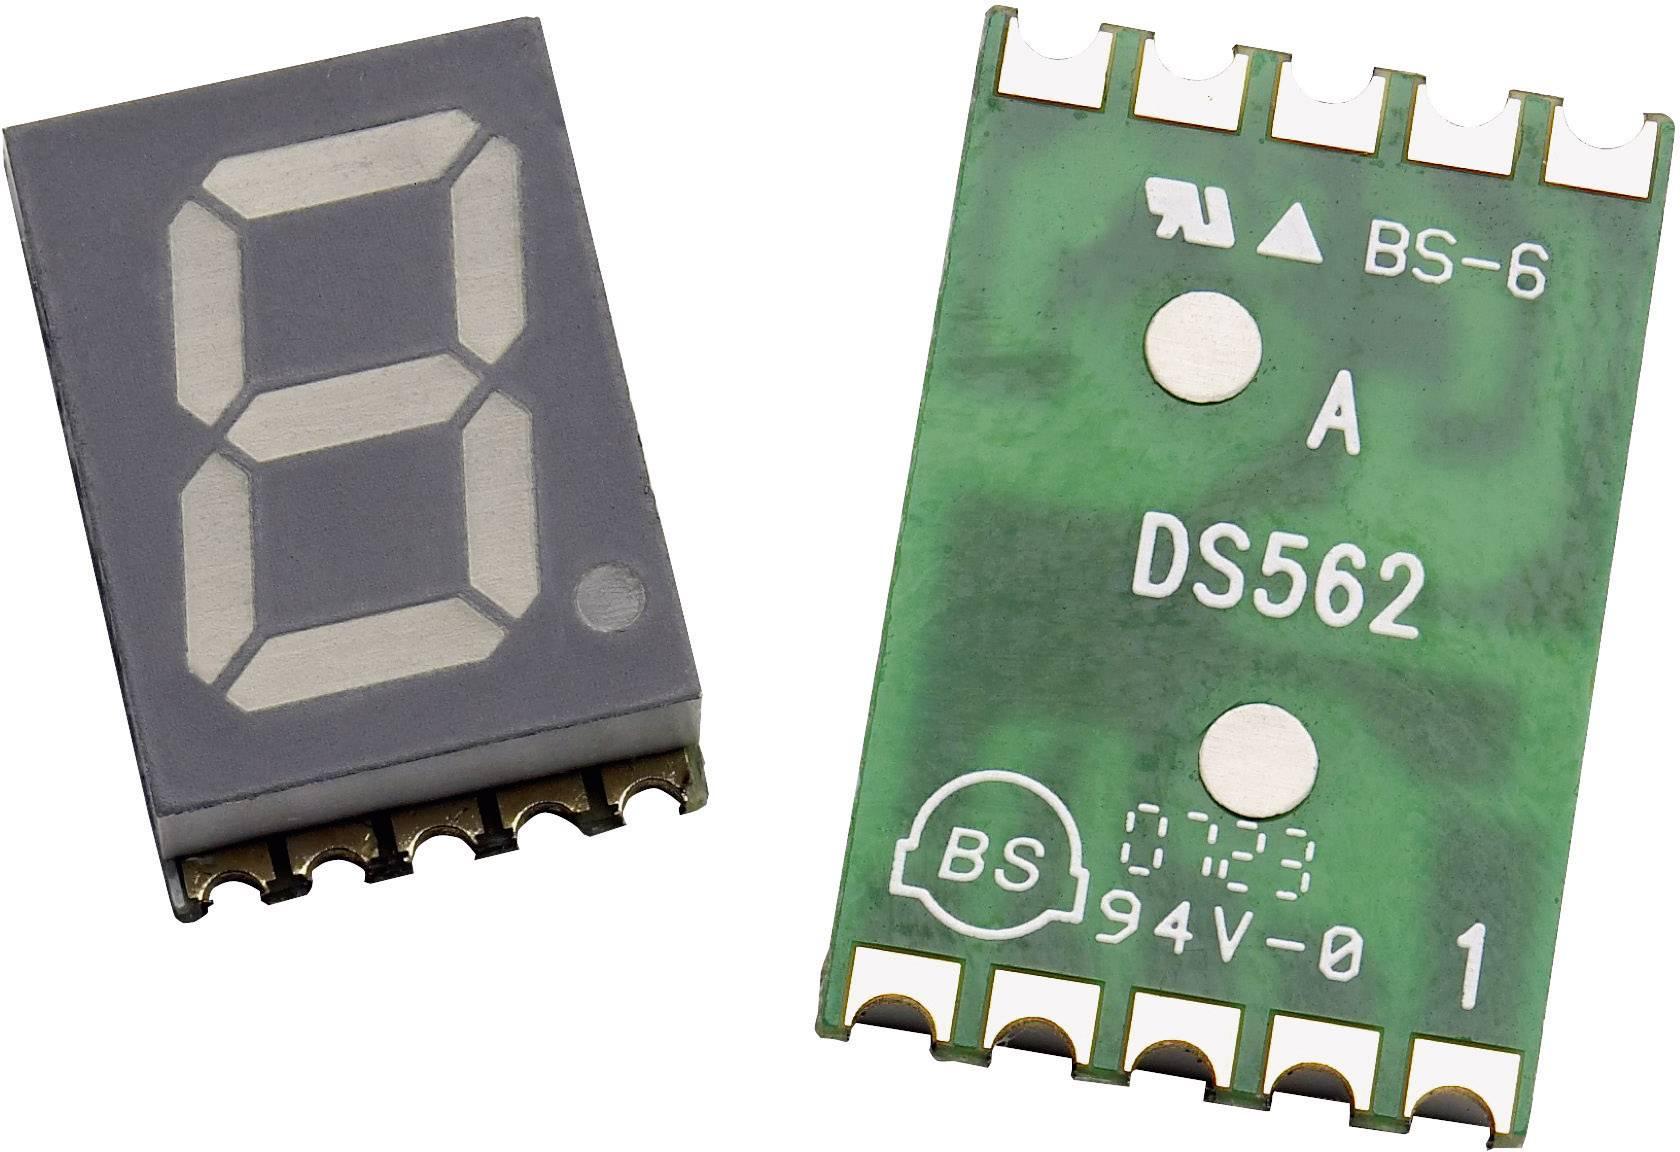 7-segmentový displej Broadcom HDSM-433H, číslic 1, 10 mm, 2.1 V, zelená